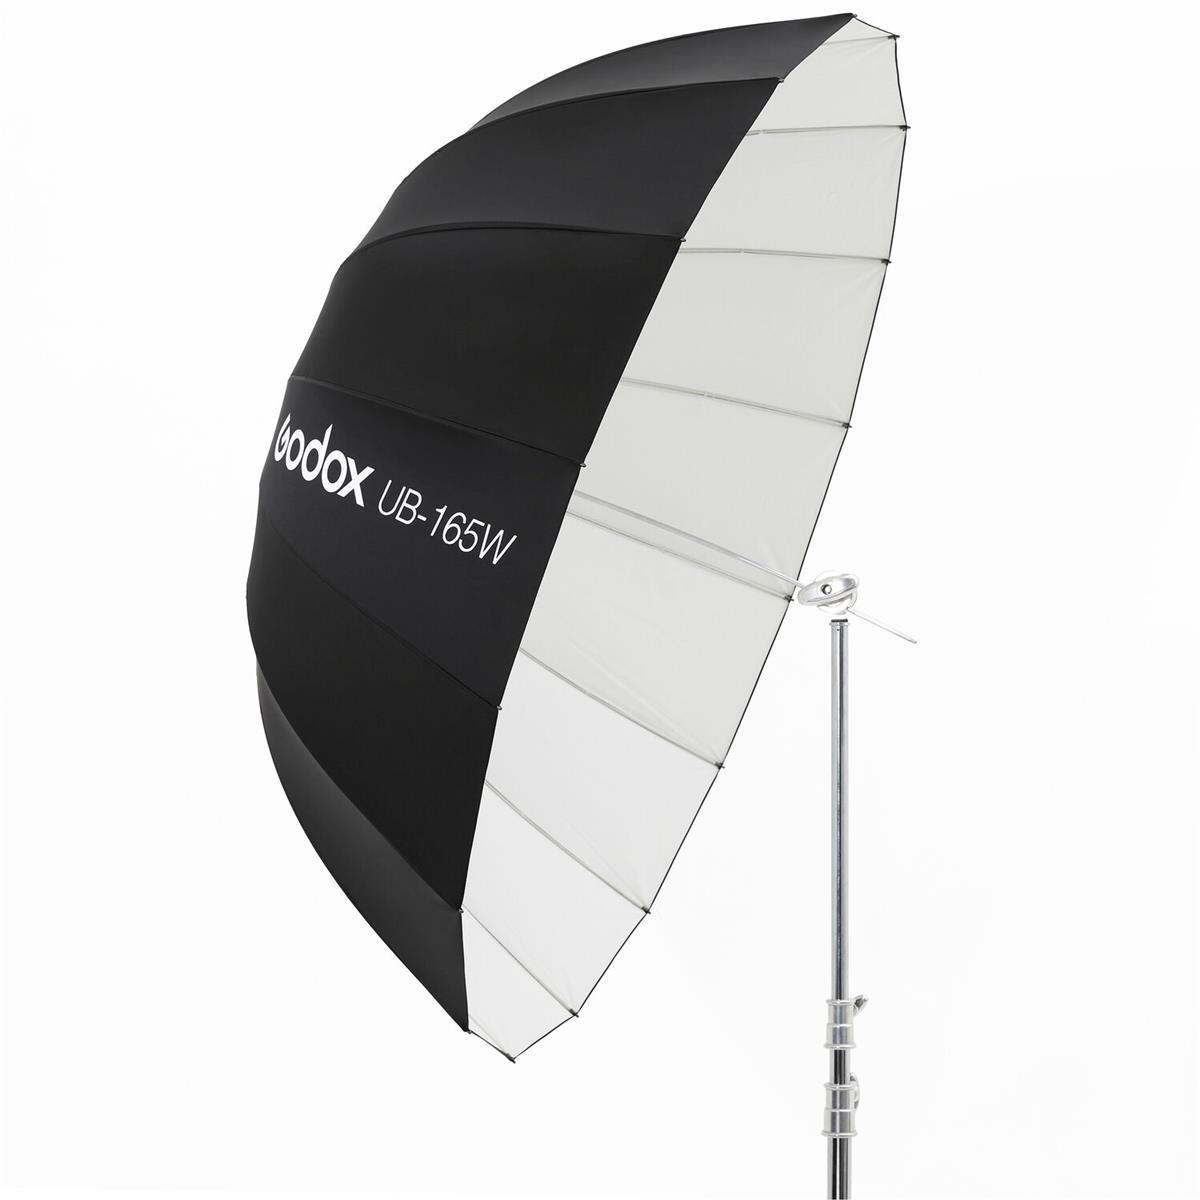 Godox 165 cm Parabolschirm Schwarz / Weiß UB-165W